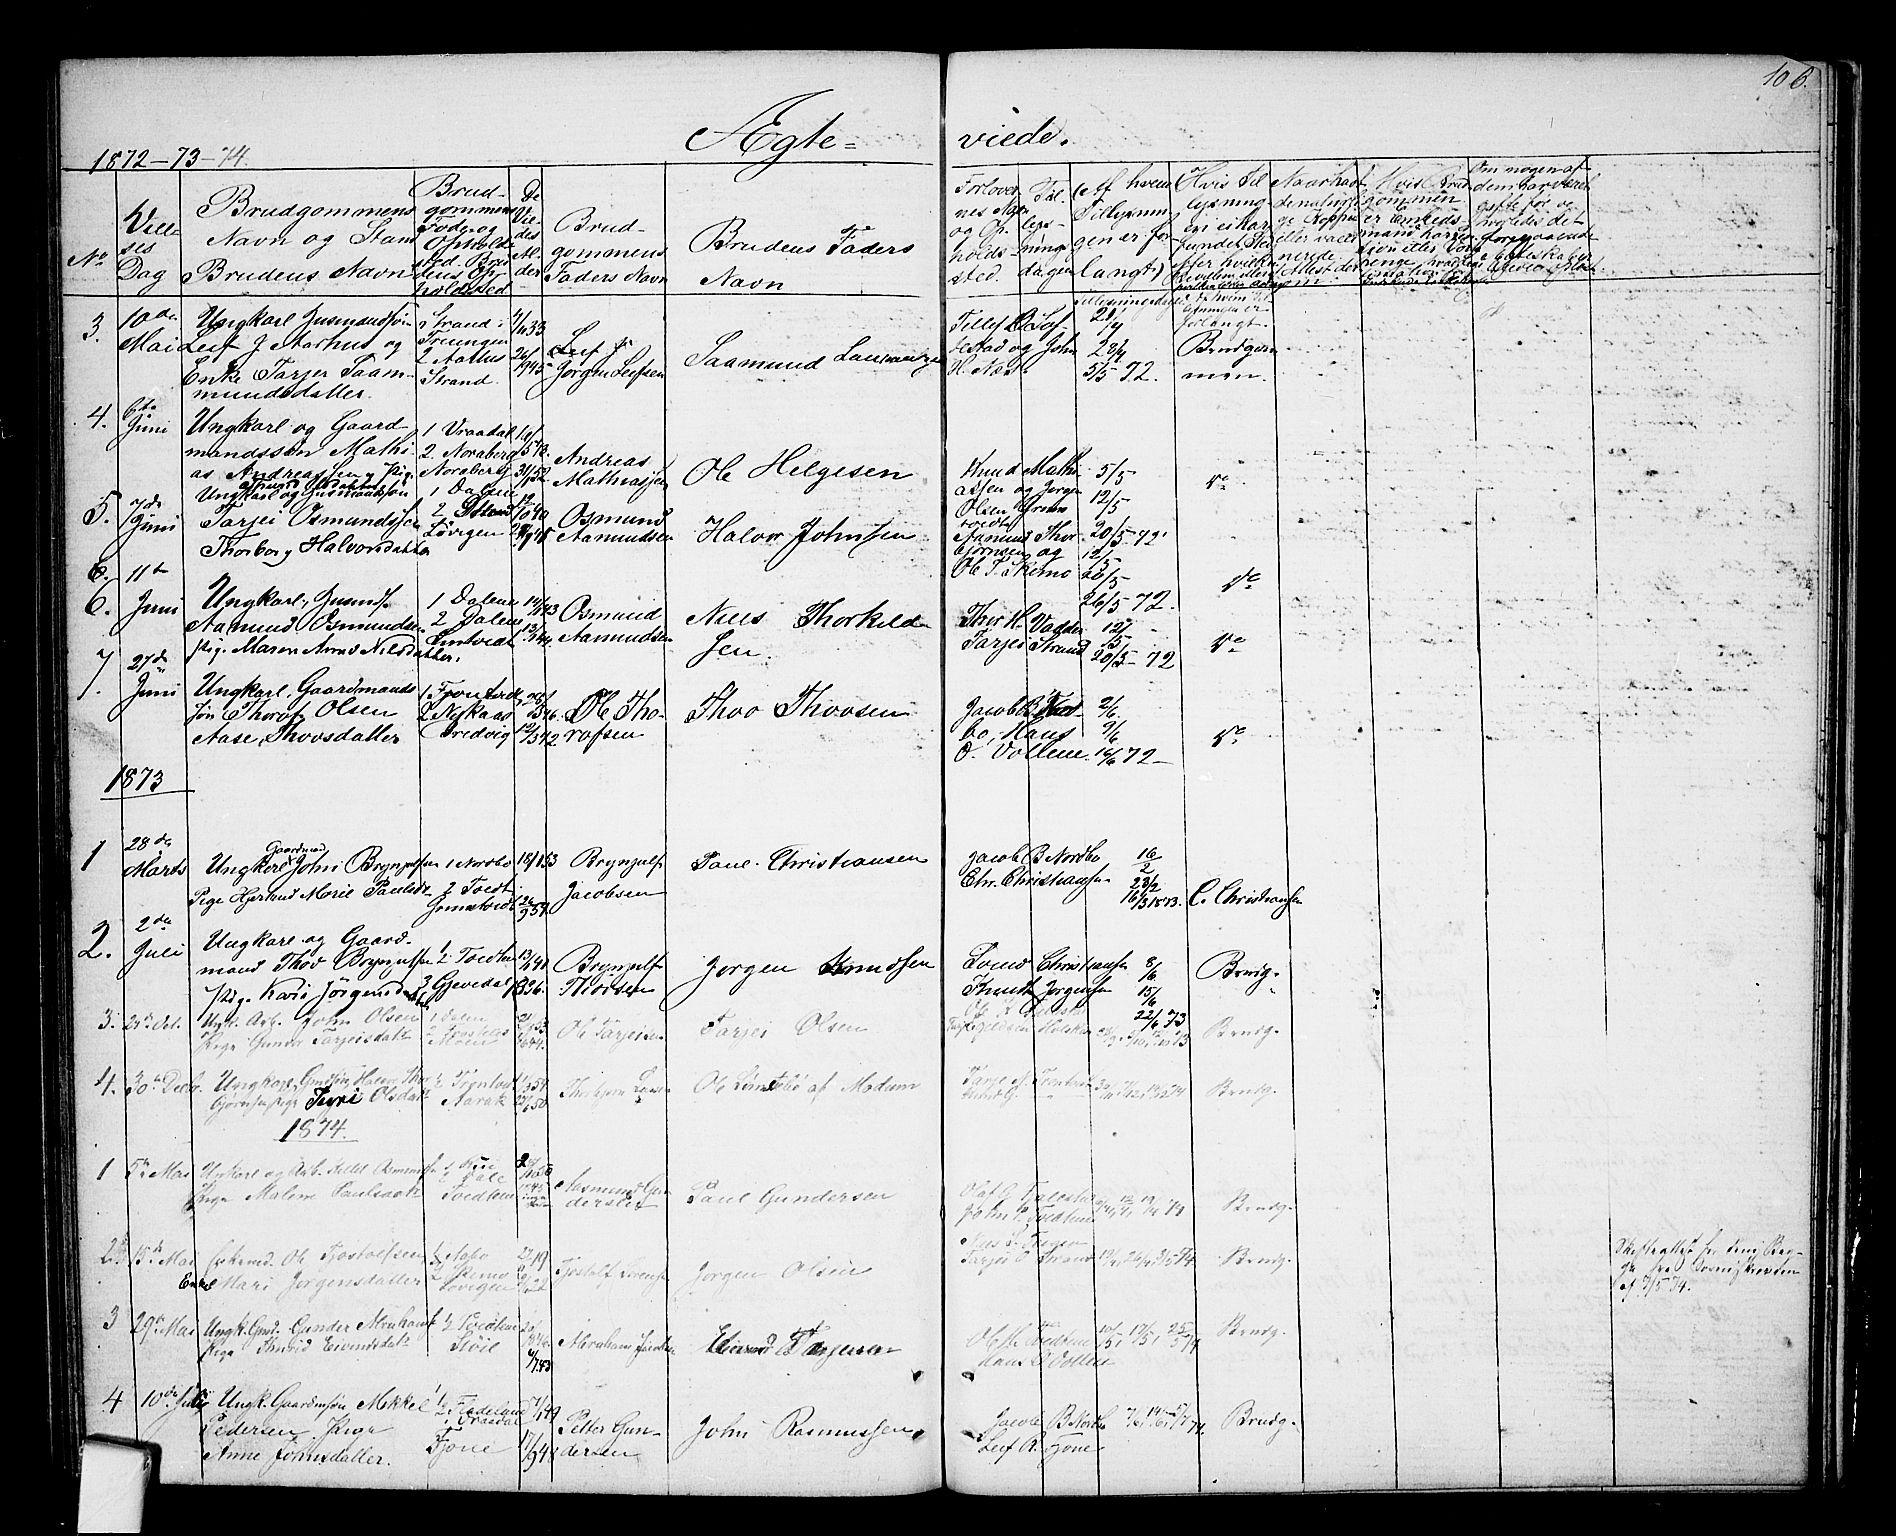 SAKO, Nissedal kirkebøker, G/Ga/L0002: Klokkerbok nr. I 2, 1861-1887, s. 106